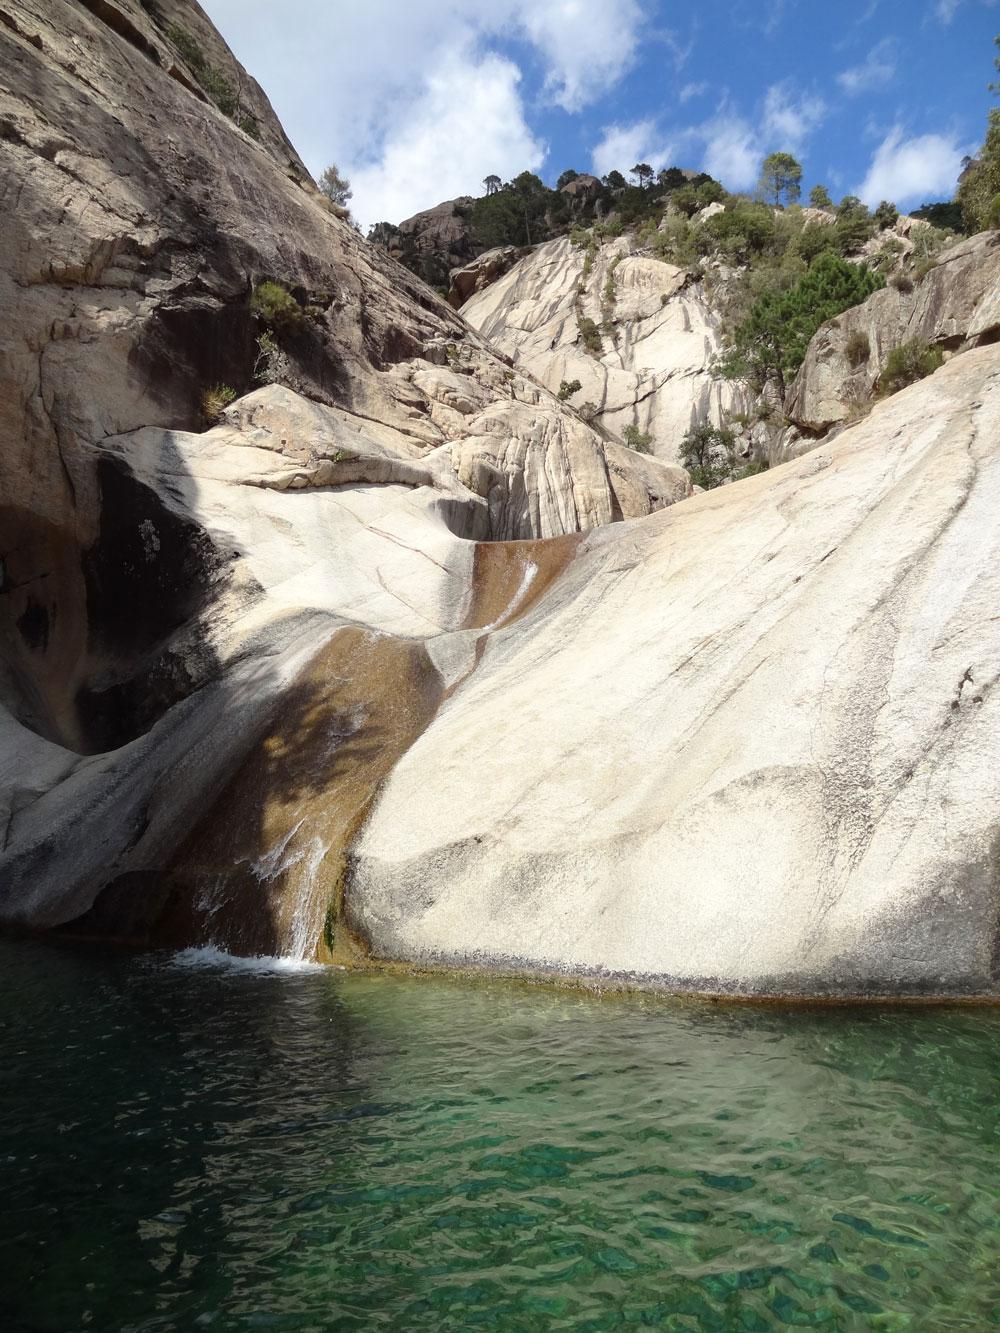 Cascades De Bavella En Corse • Le Blog Cash Pistache dedans Piscine Naturelle D Eau Chaude Corse Du Sud